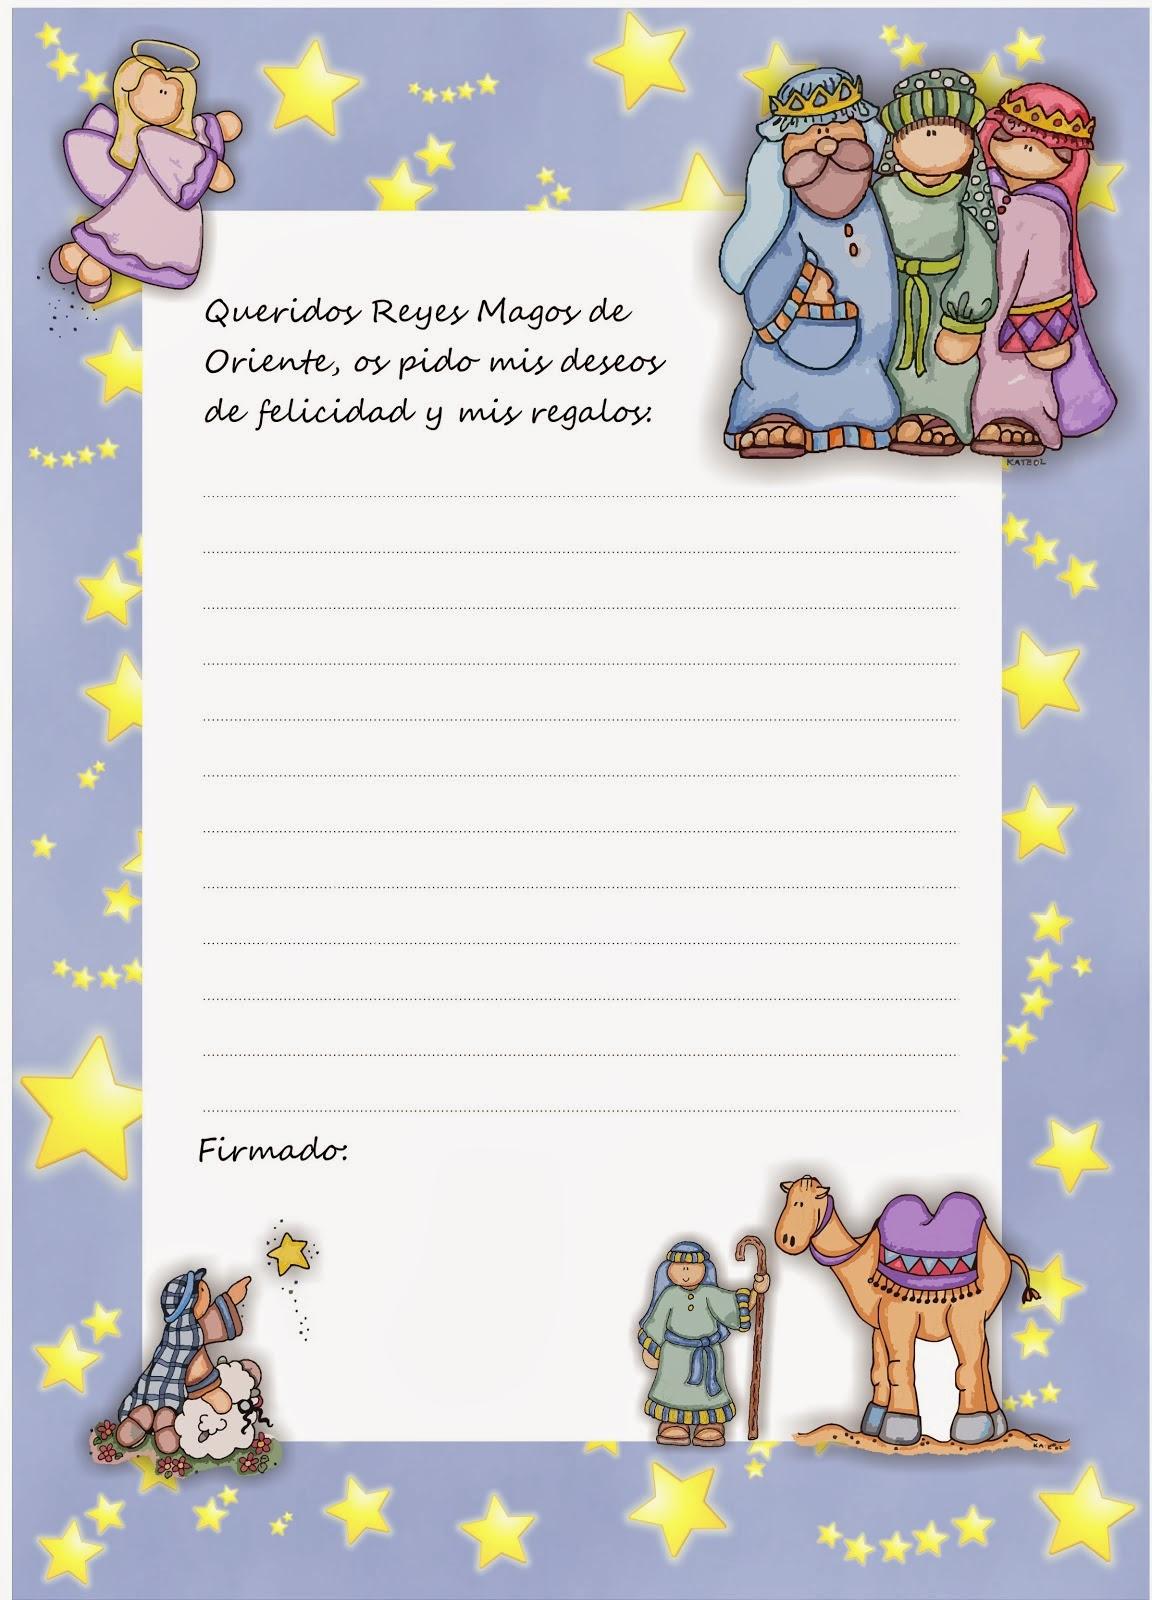 Worksheet. COSAS CURIOSAS DE LA VIDA Carta a los Reyes Magos de Oriente